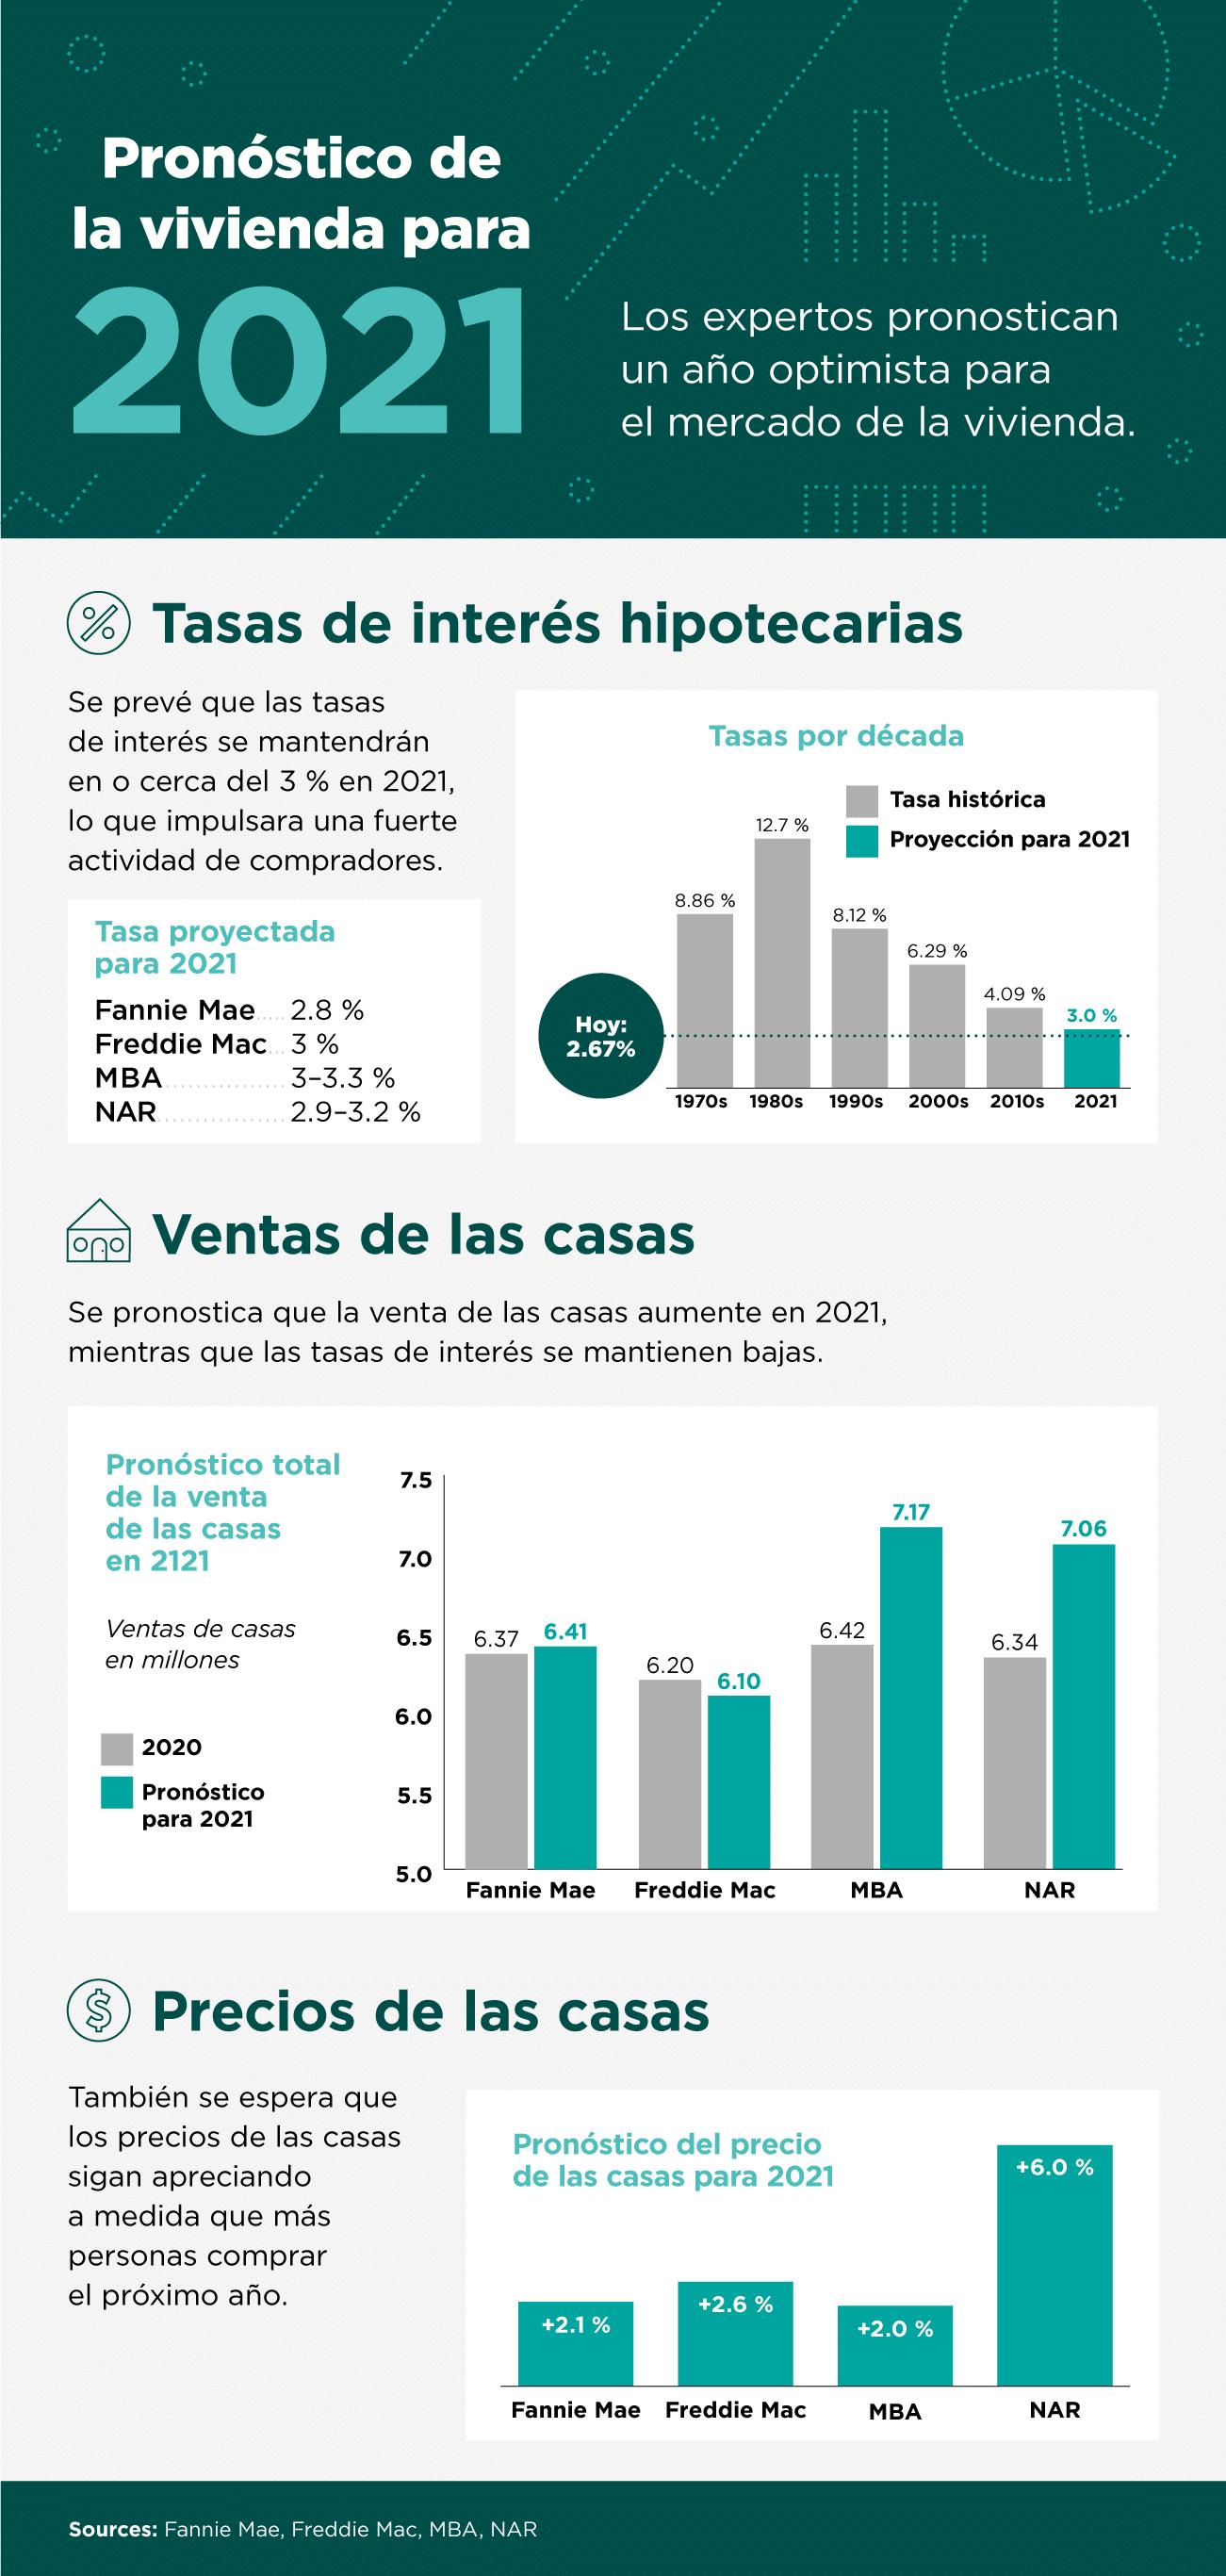 Pronóstico de la vivienda para 2021 [infografía] | Simplifying The Market